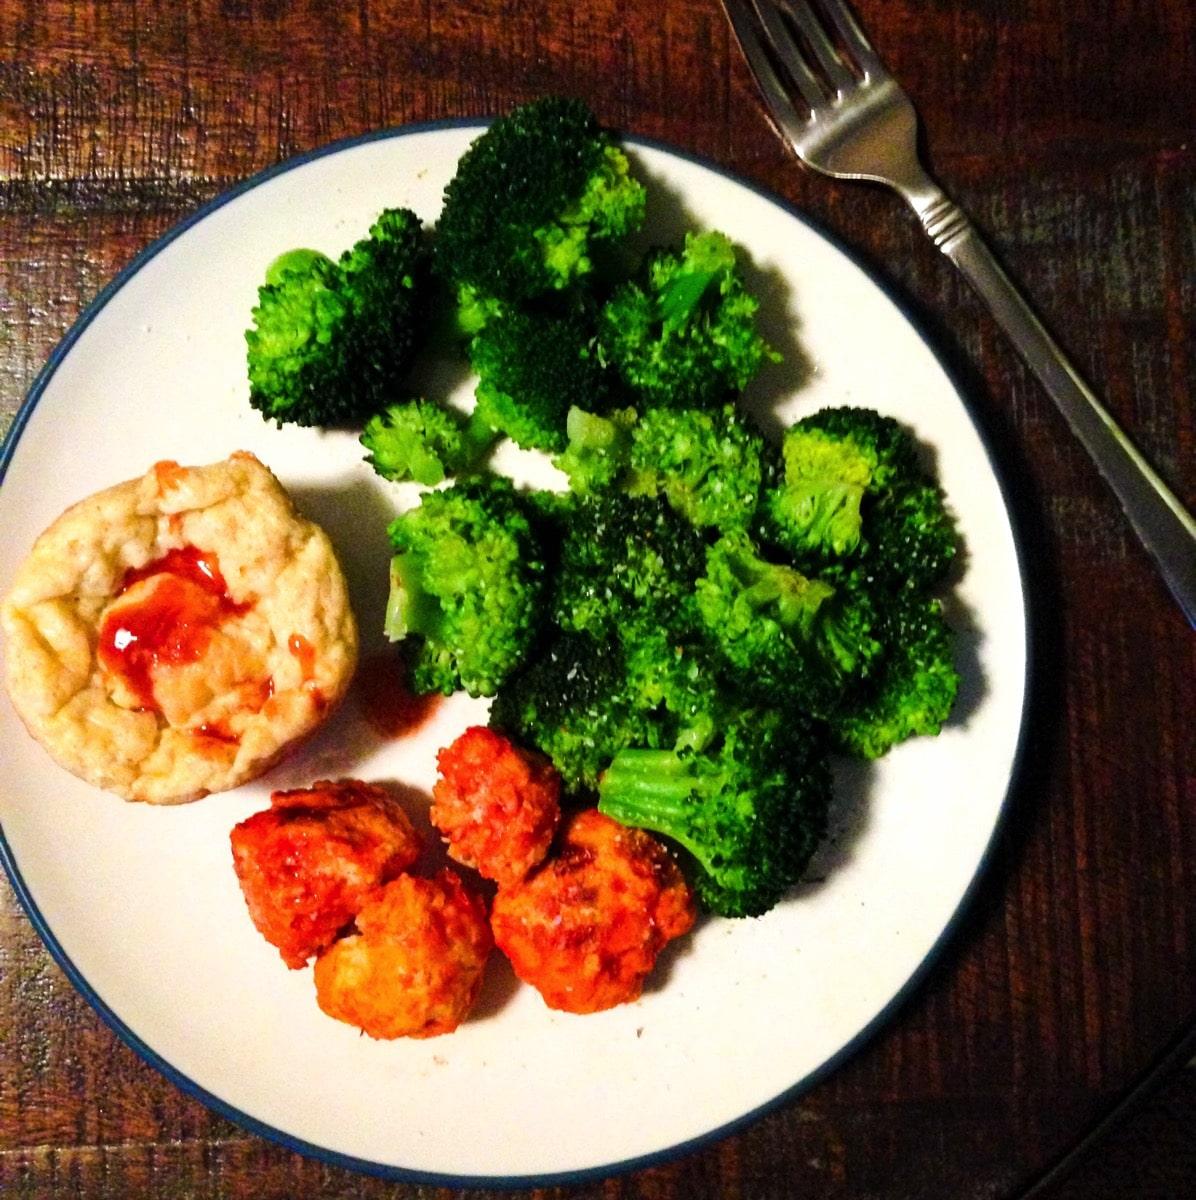 160208 muffin meatballs broccoli